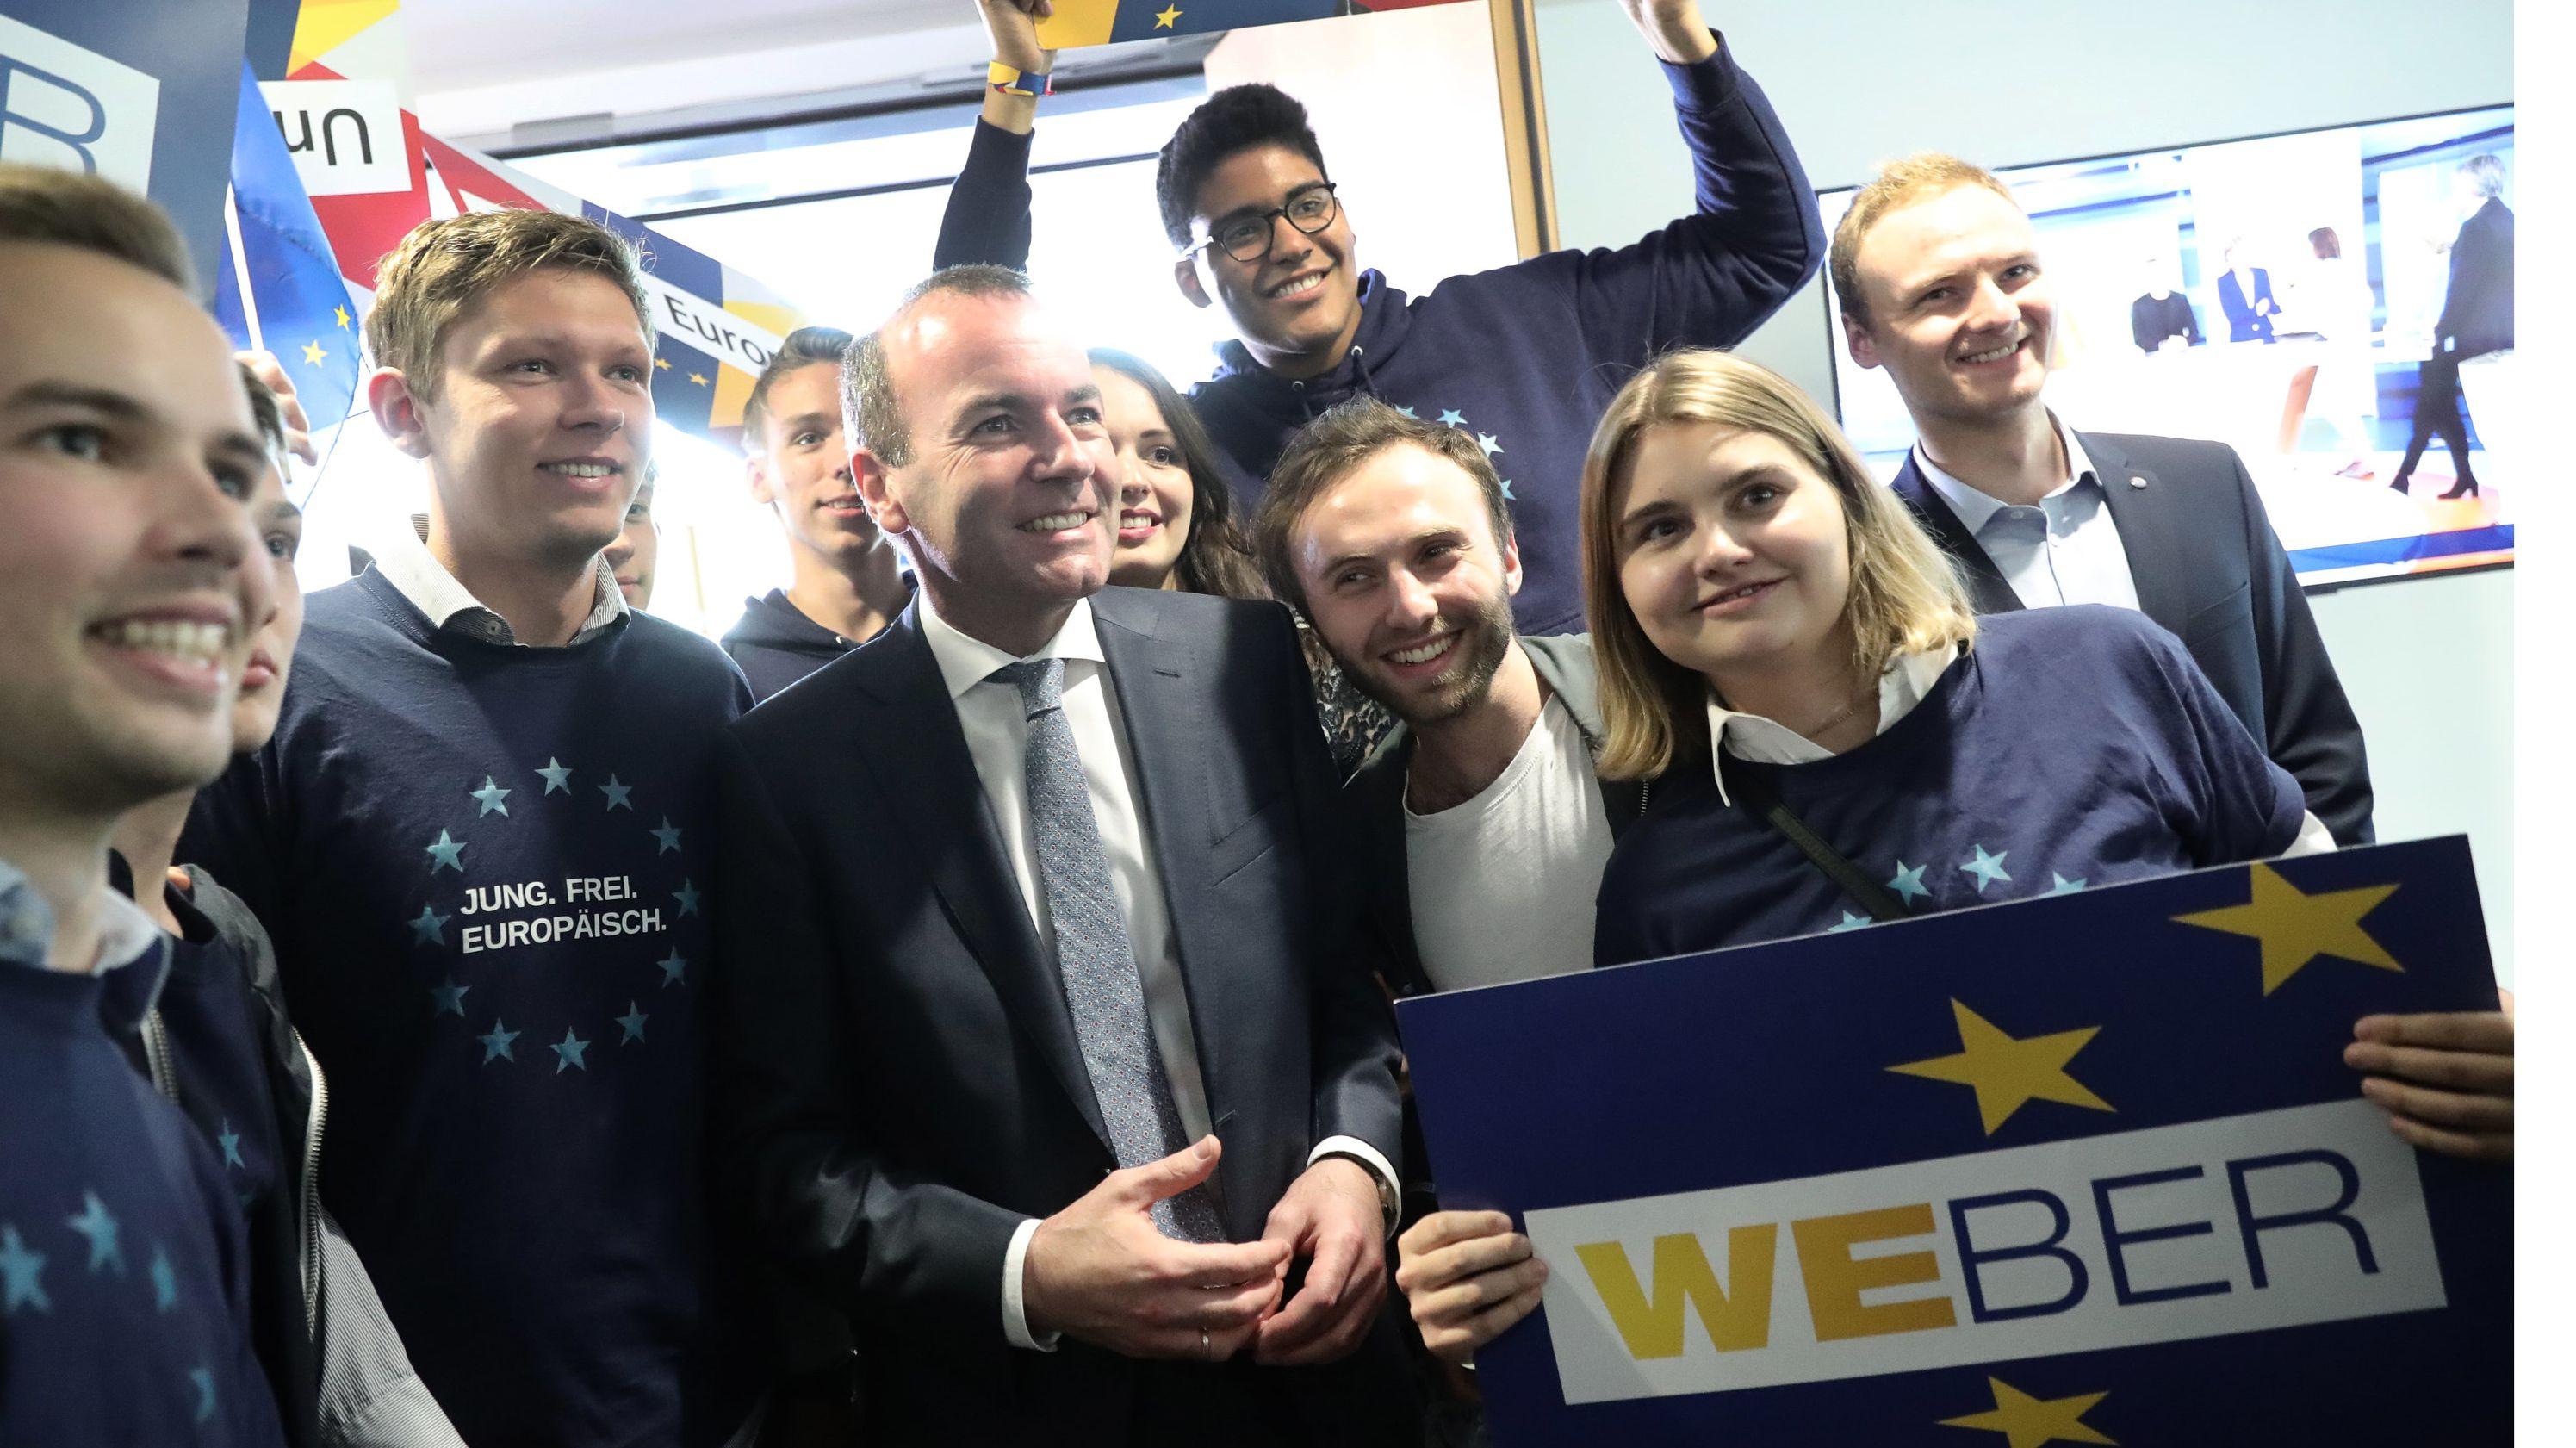 Der Spitzenkandidat der Union, Manfred Weber, von Anhängern umringt